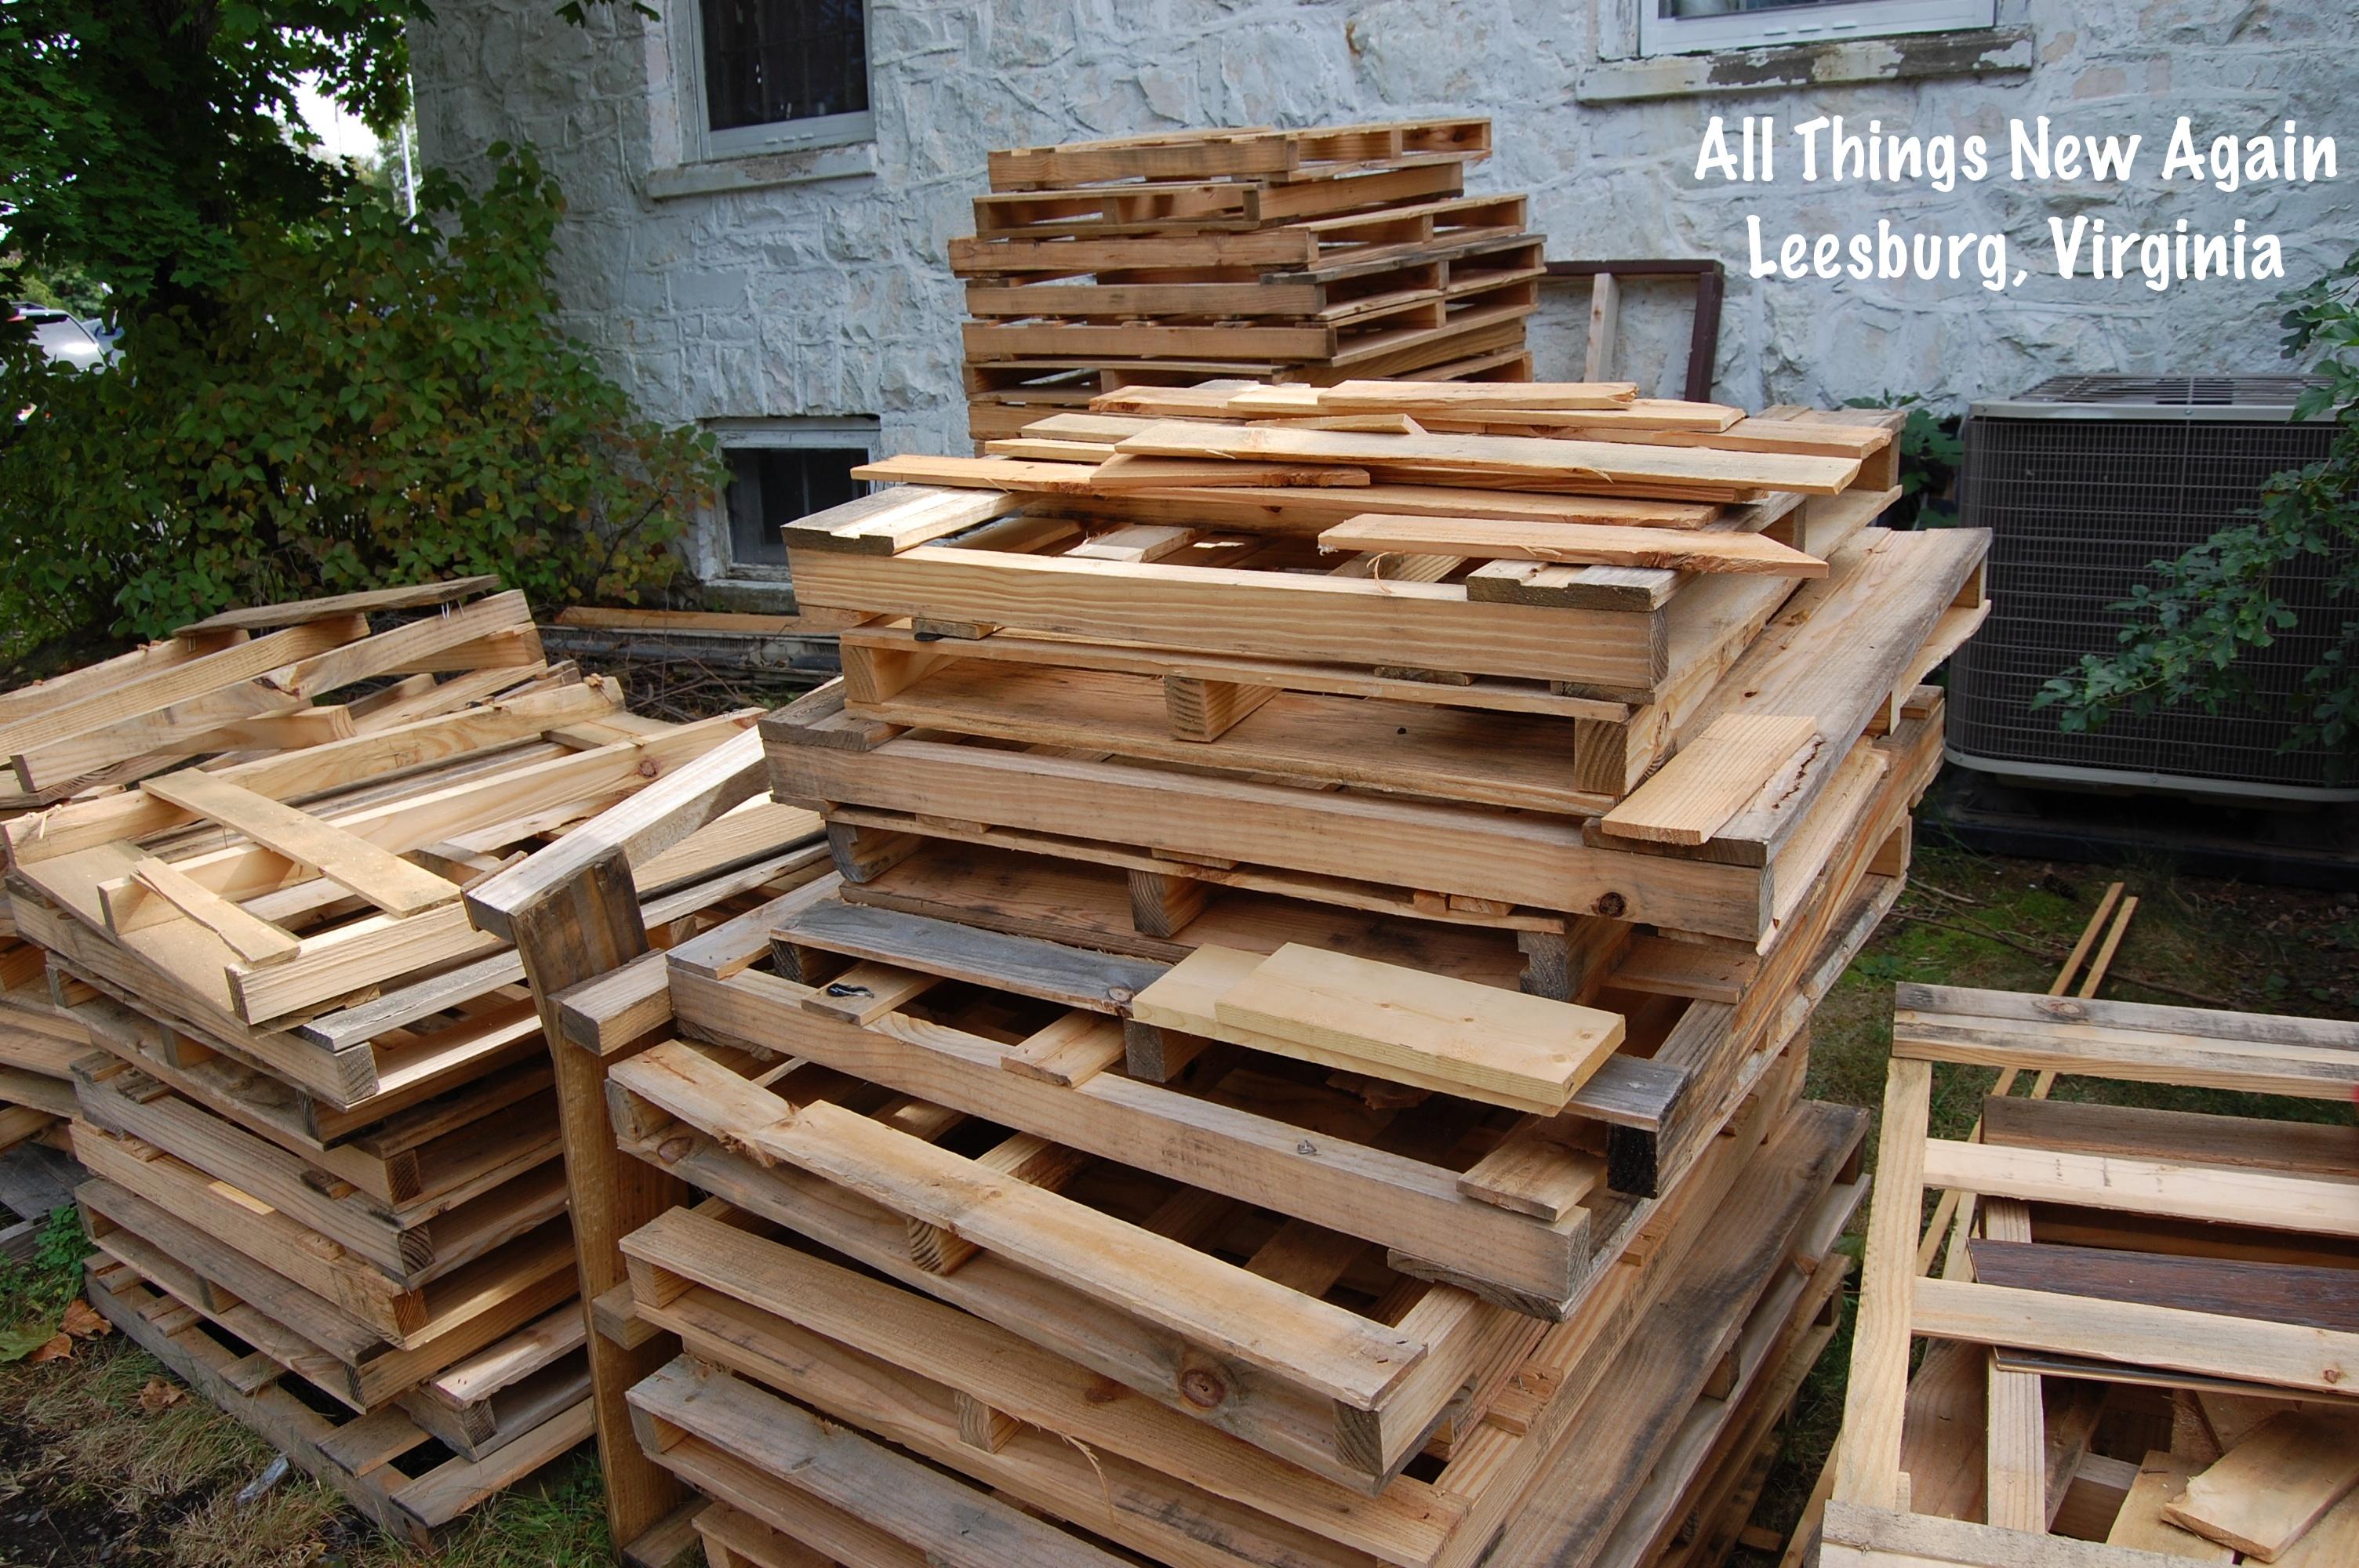 DIY: Wood Pallet Tabletop | All Things New Again